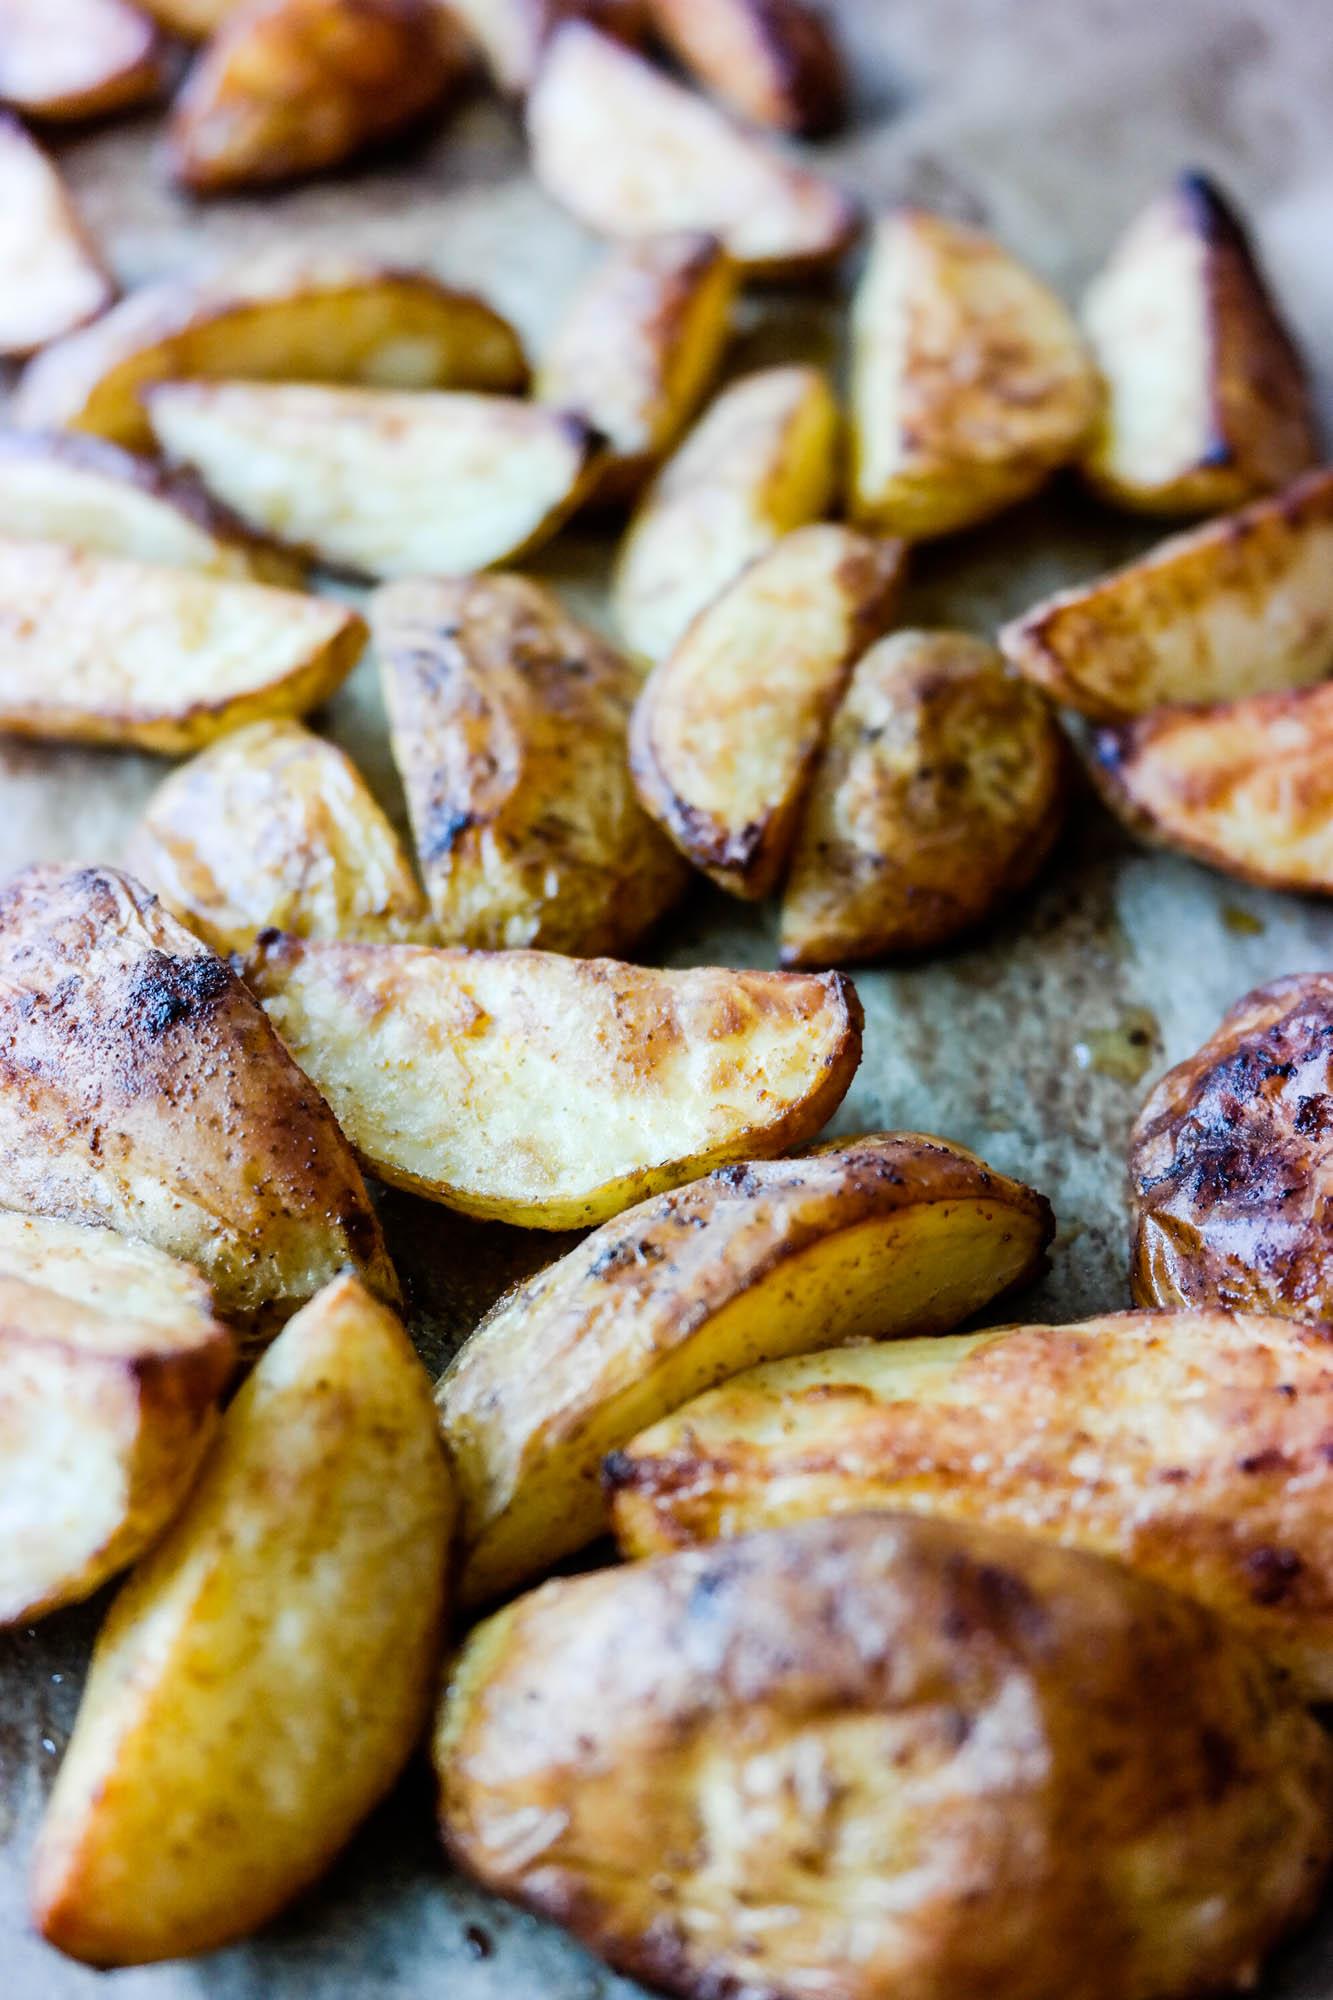 Er det noe bedre enn helt perfekte ovnsbakte poteter med varm paprika og litt aioli ved siden av...?